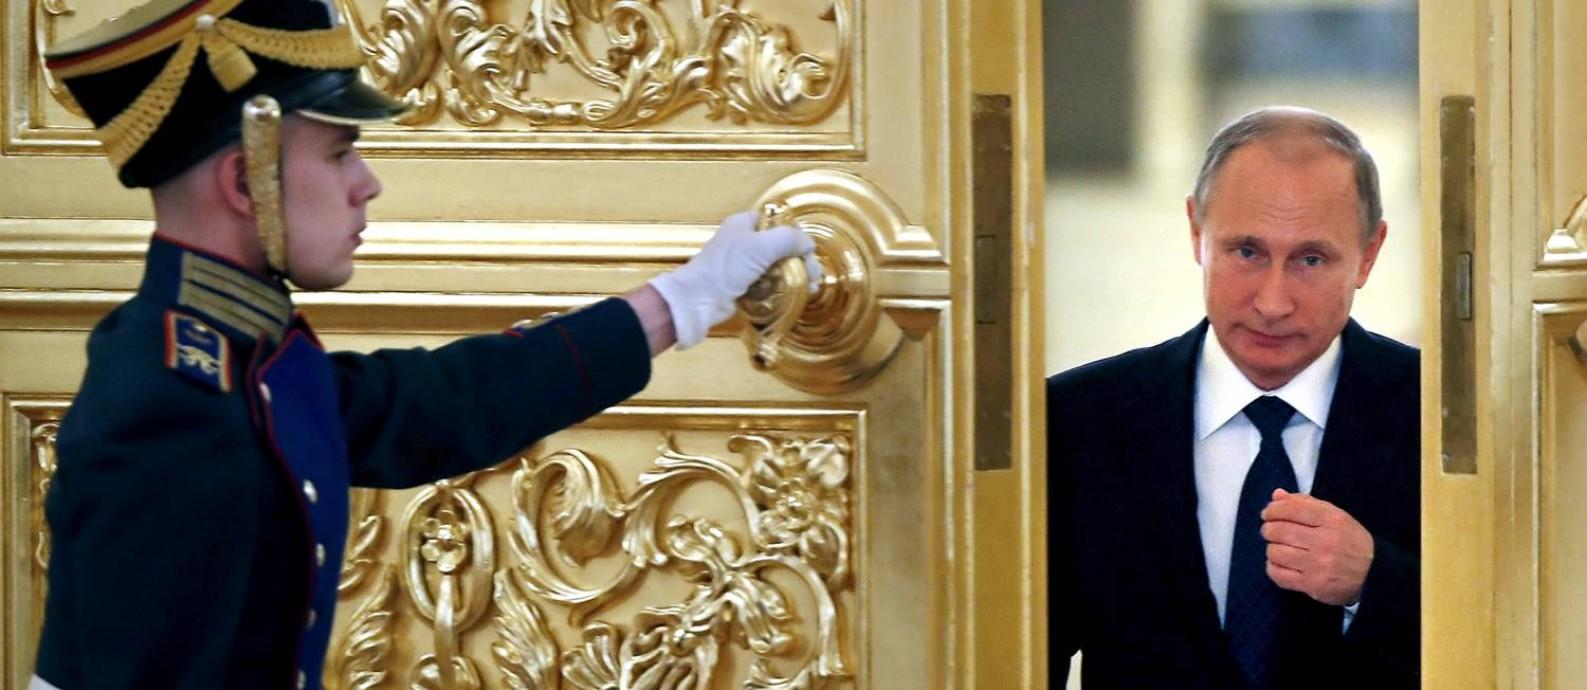 Porta entreaberta. Fontes na Rússia dizem que o presidente Vladimir Putin se diverte com a situação nos Estados Unidos; ele teria uma preferência pelo republicano Donald Trump, por sua tendência a olhar mais para dentro de seu país Foto: POOL / REUTERS